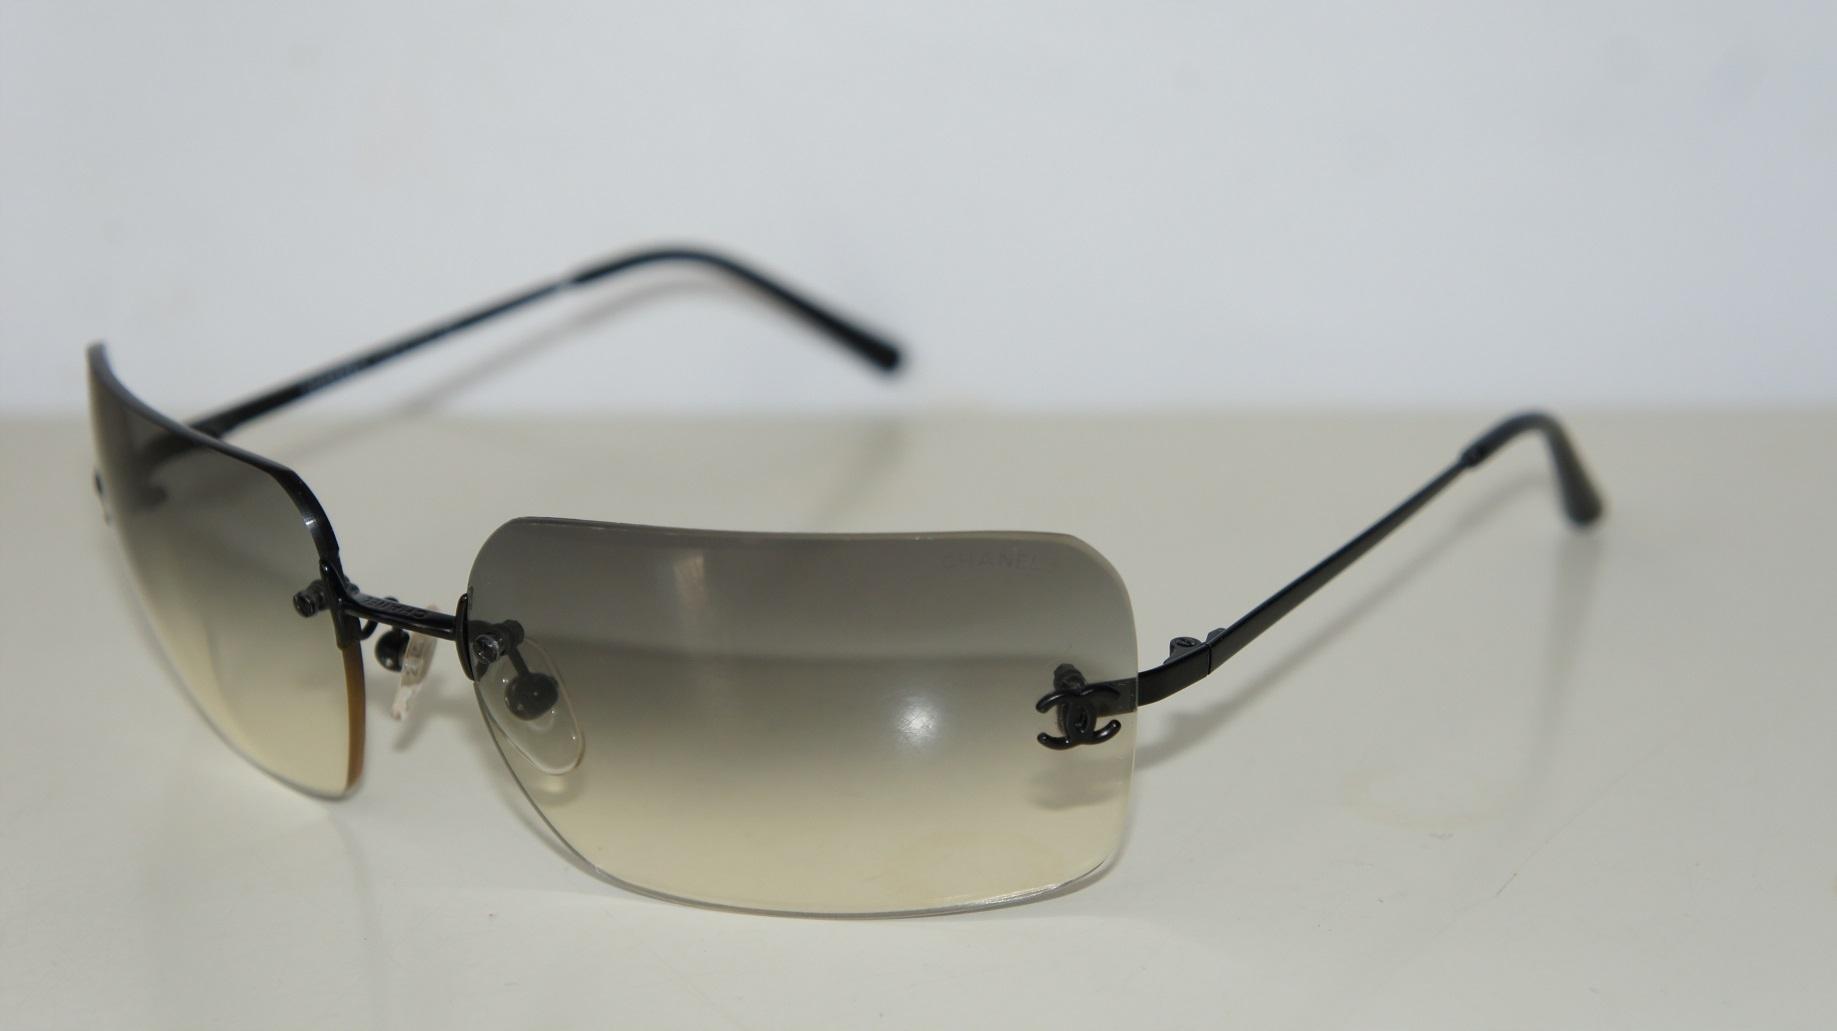 2fd4b8ff4ea2b1 Okulary przeciwsłoneczne CHANEL 4017 - 7483325514 - oficjalne ...